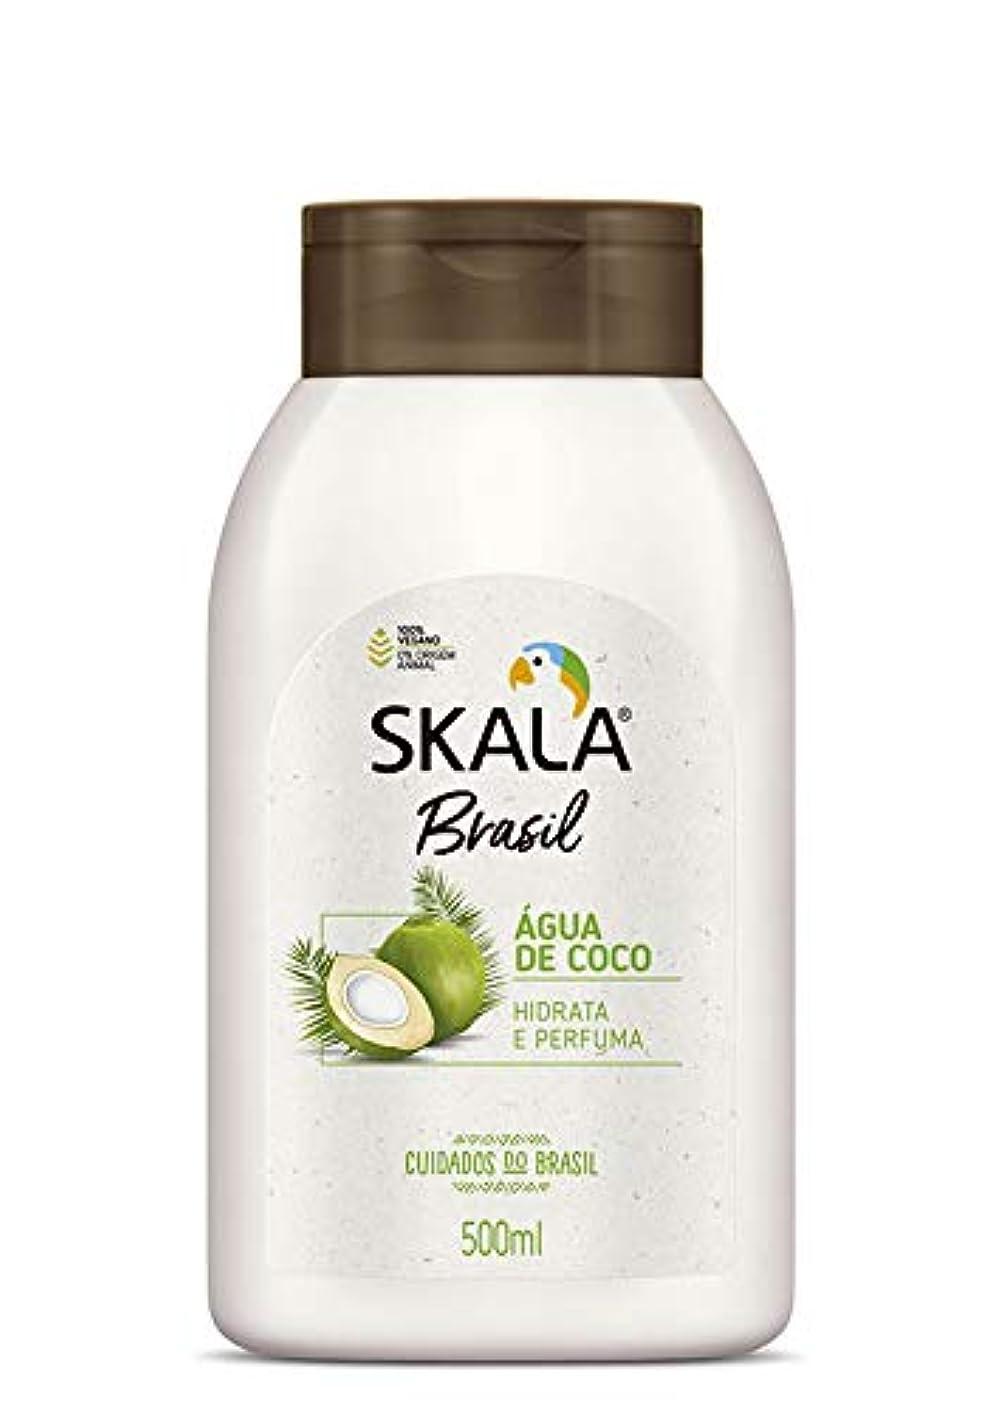 国旗遅らせる財団Skala Brasil スカラブラジル 保湿ボディクリーム?ココナッツウォーター 500ml